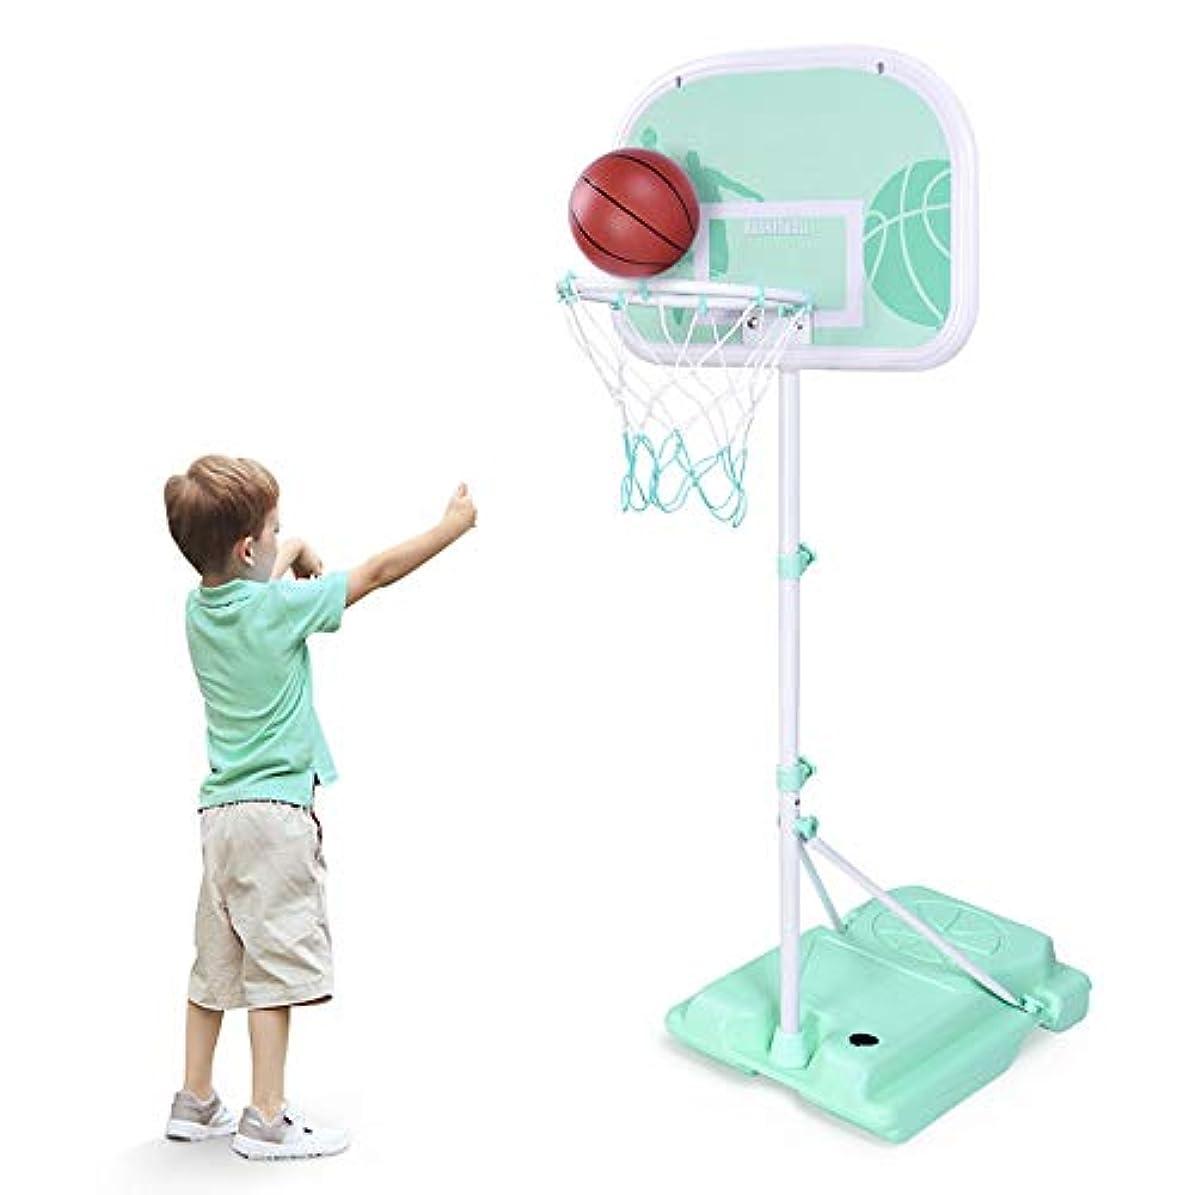 上がるカウンターパート完璧YUXAING キッズ バスケットボールスタンド リフティング 調整可能 スポーツバスケットボールフープ 屋内屋外 8-10歳 子供達 おもちゃを撃つ 2サイズ